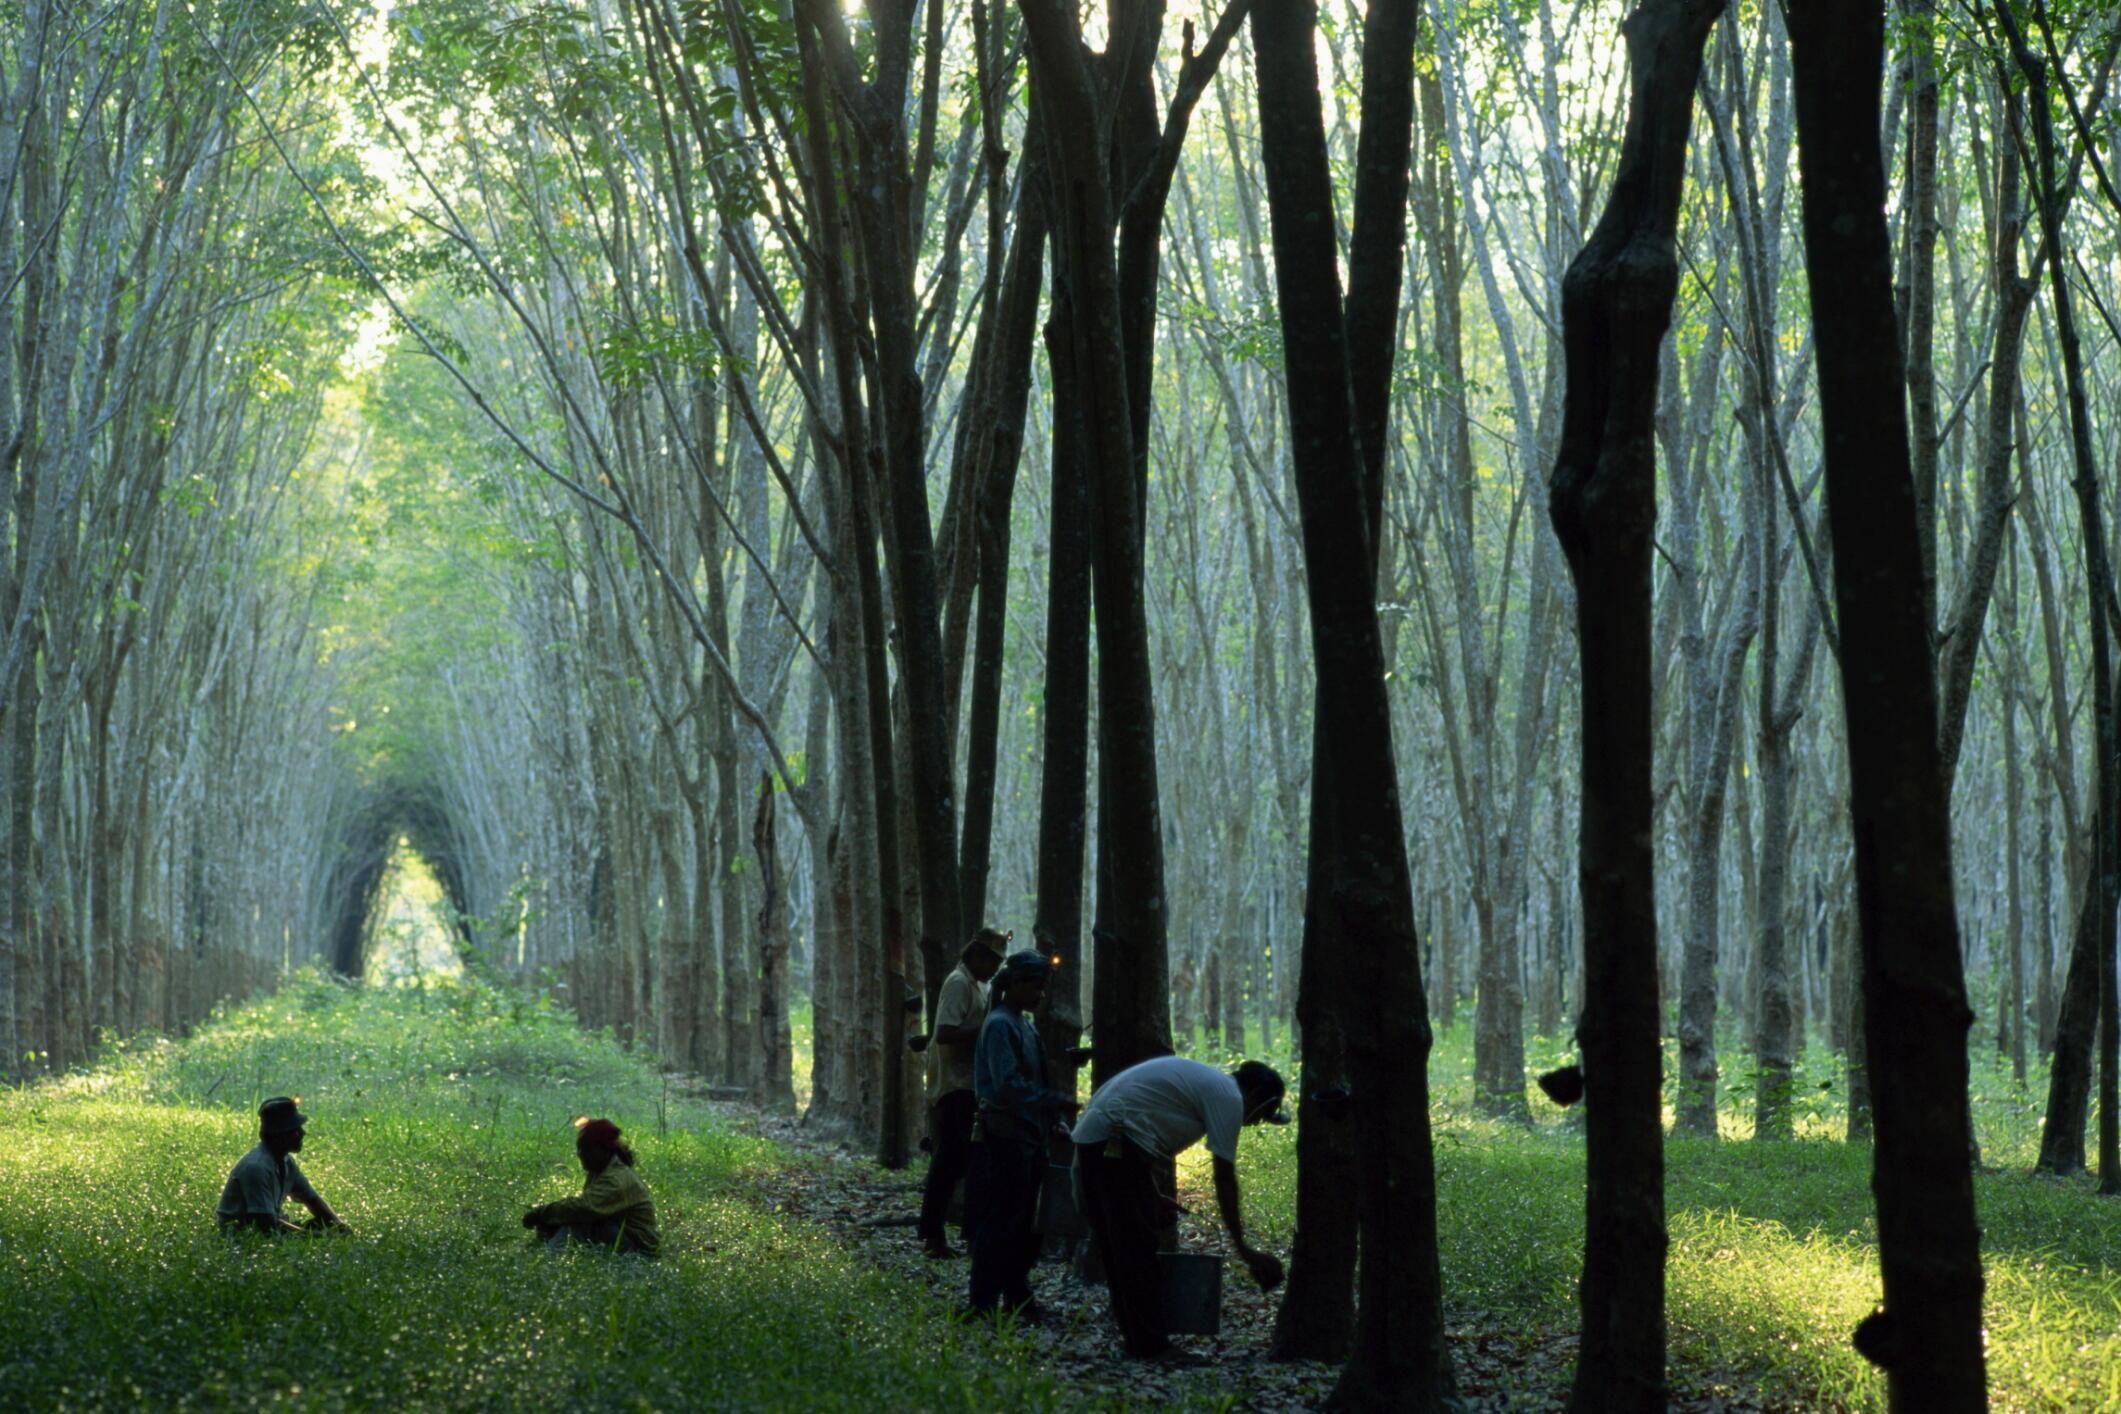 Une plantation d'hévéas, arbres à caoutchouc, près de Phuket, dans le sud de la Thaïlande.